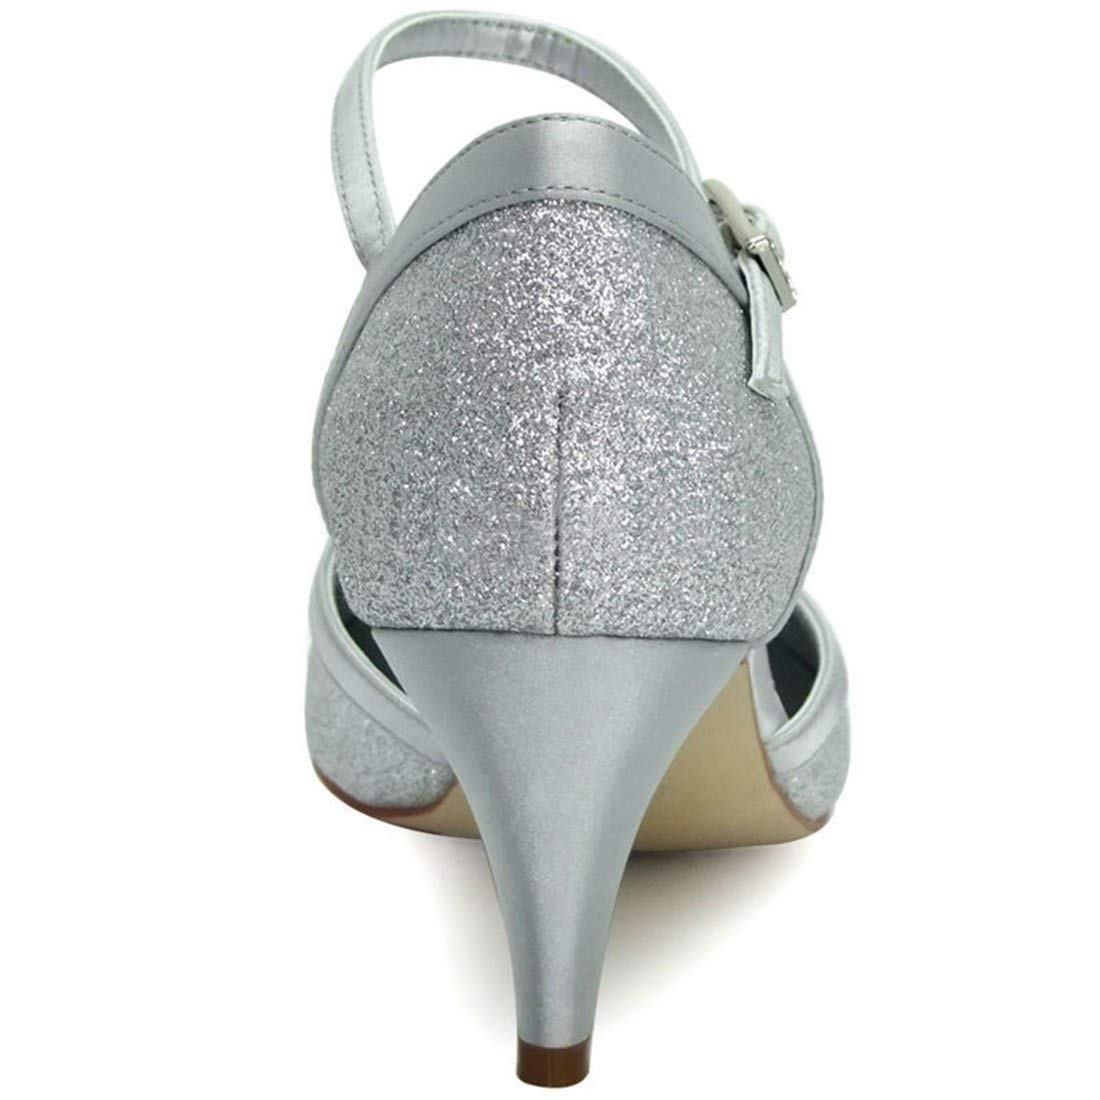 Qiusa Damen Einfache Einfache Einfache Amond Toe Med Ferse Glitter Outdoor Hochzeit Schuhe (Farbe   Silber-5cm Heel Größe   4 UK) 9487df